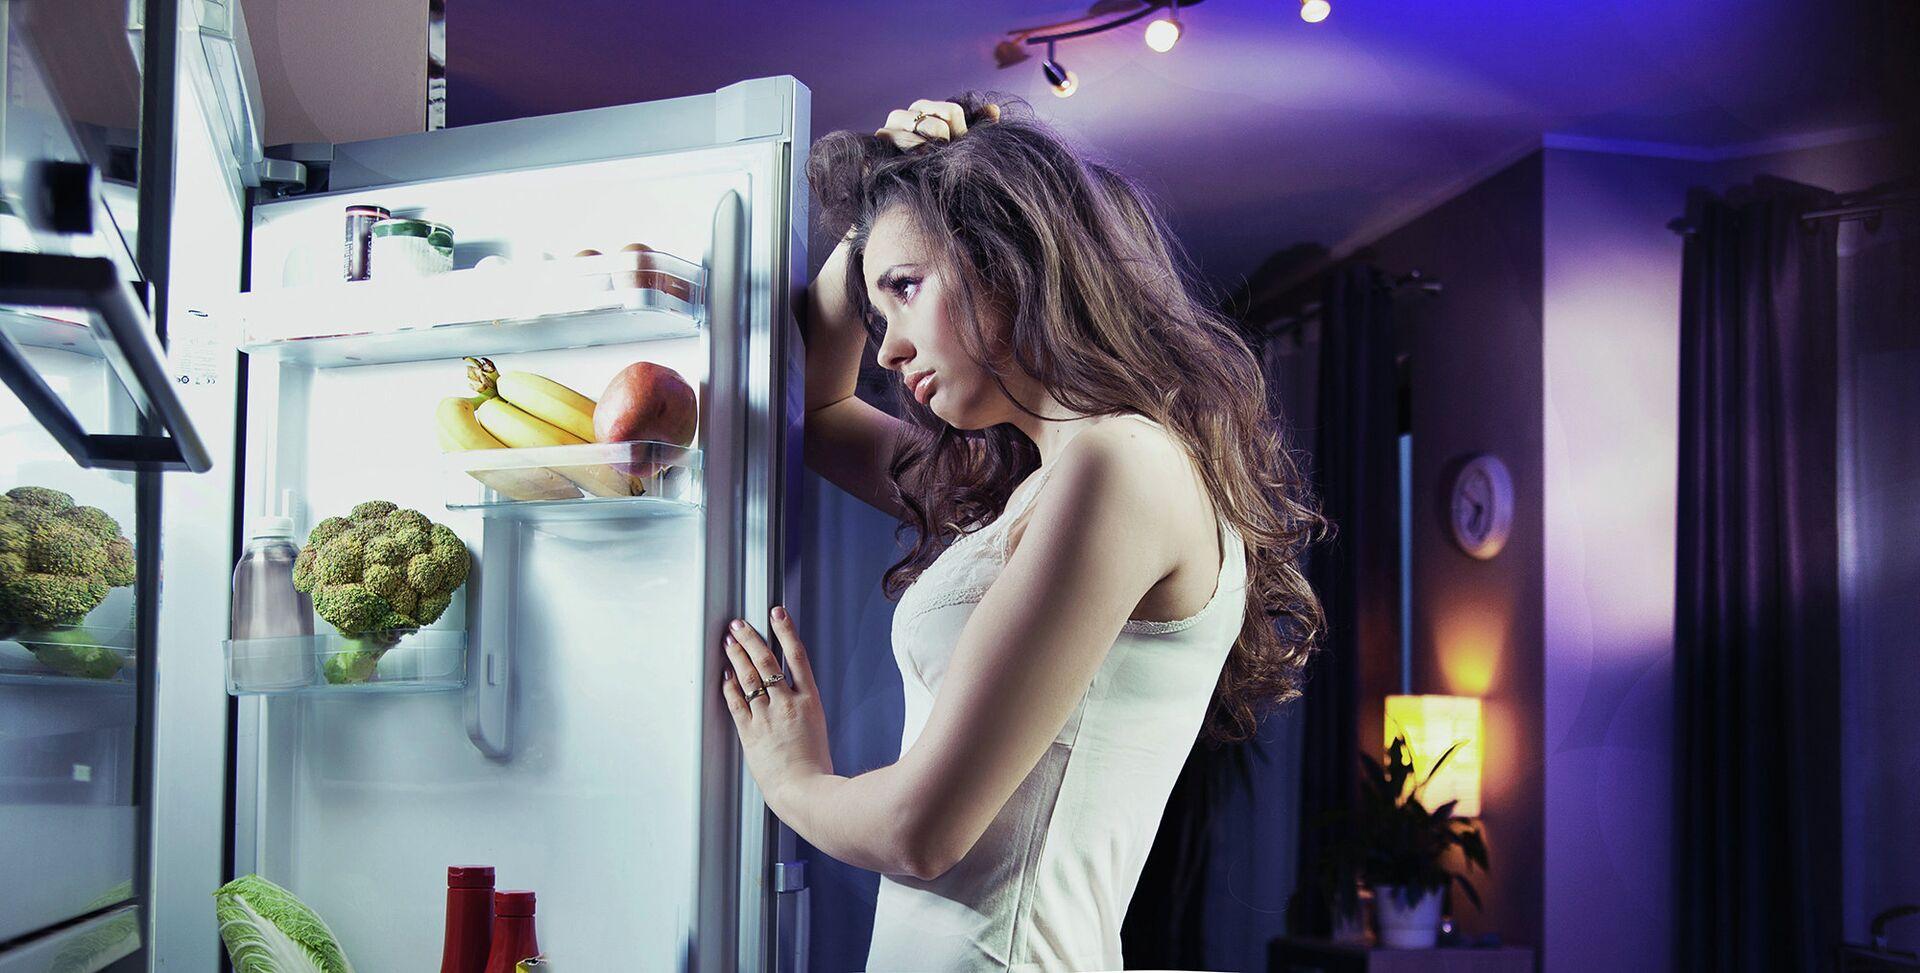 Девушка заглядывает в холодильник - РИА Новости, 1920, 13.10.2021